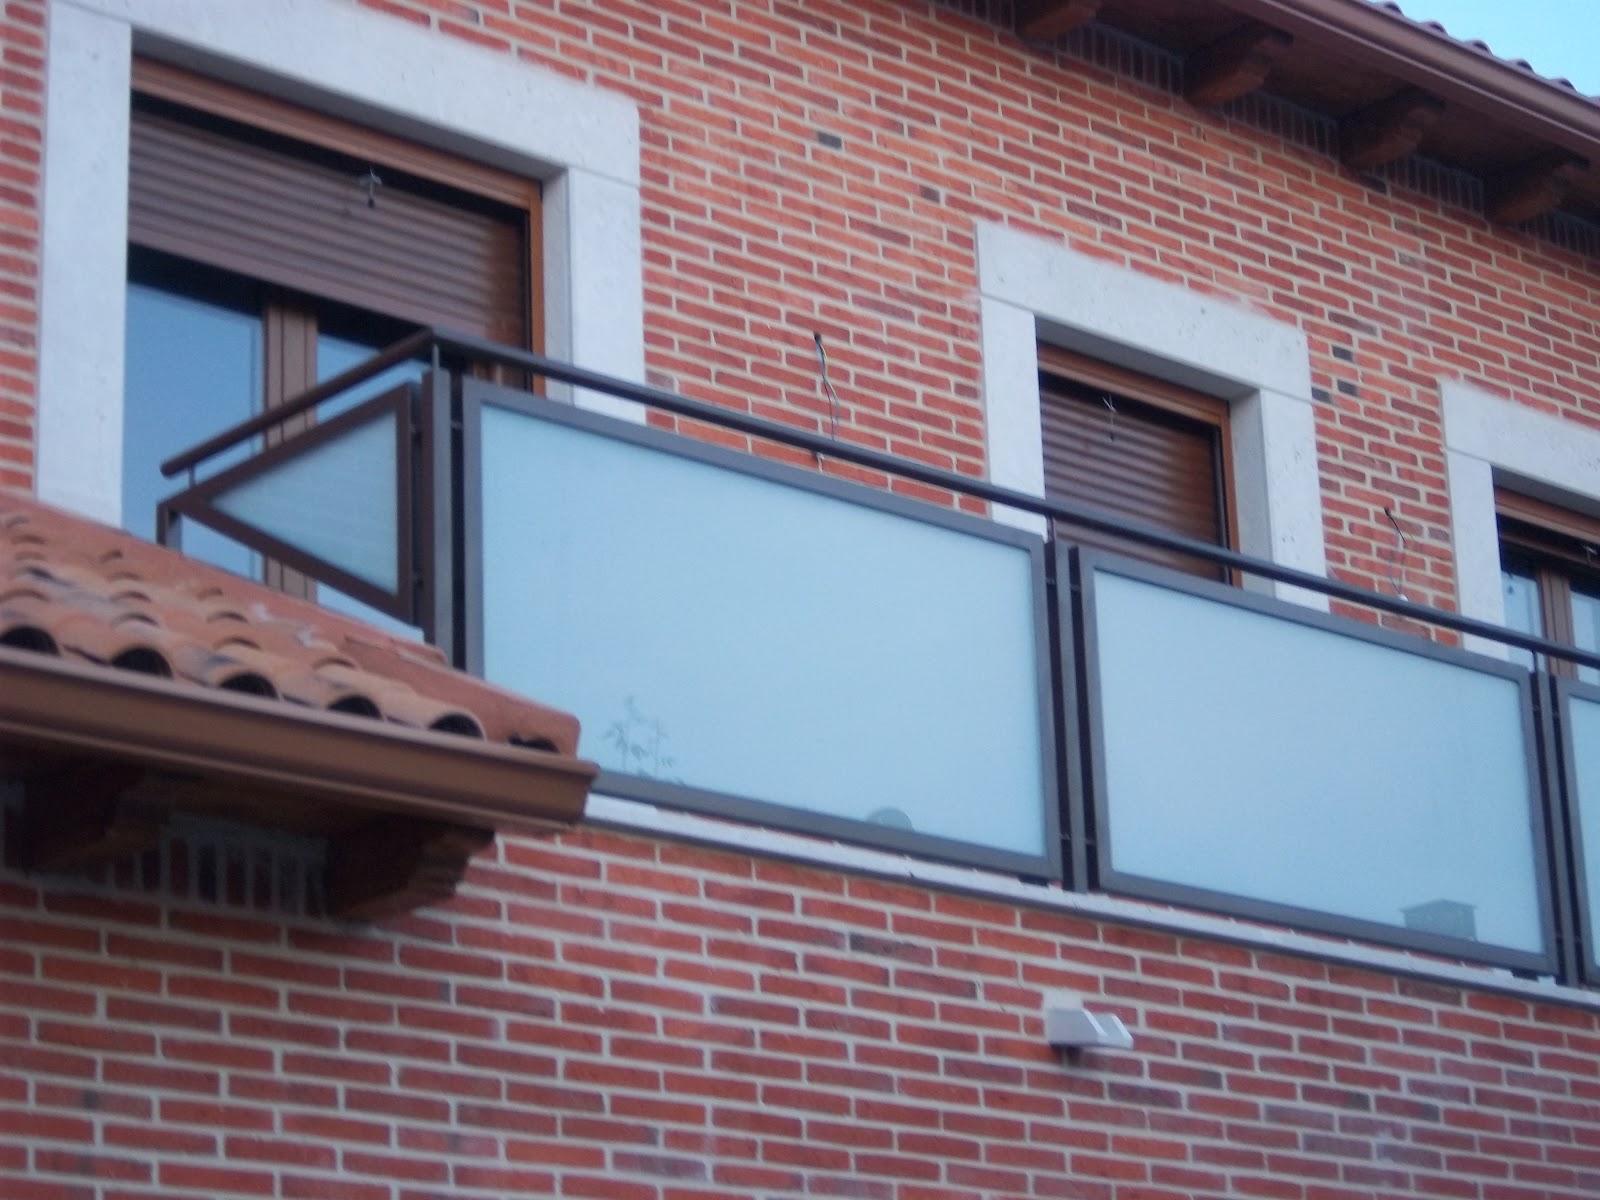 Norbel carpinteria met lica y acero inoxidable balcones - Balcones de cristal ...